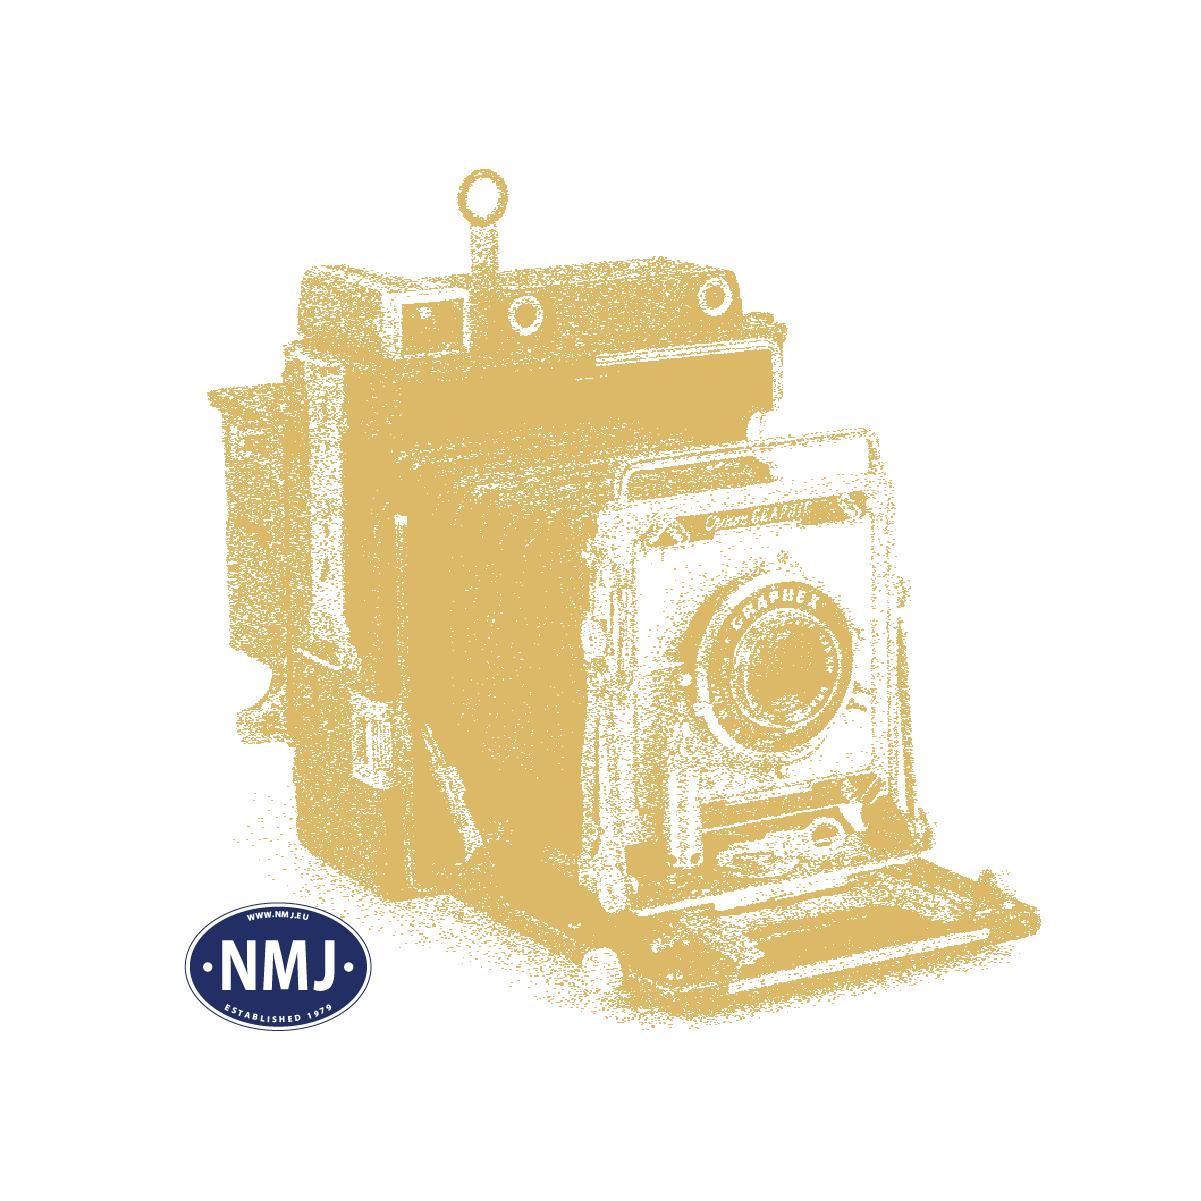 NMJT405.102 - NMJ Topline MAV Liggevogn Bcmz 50-91 100-7, 2. Klasse